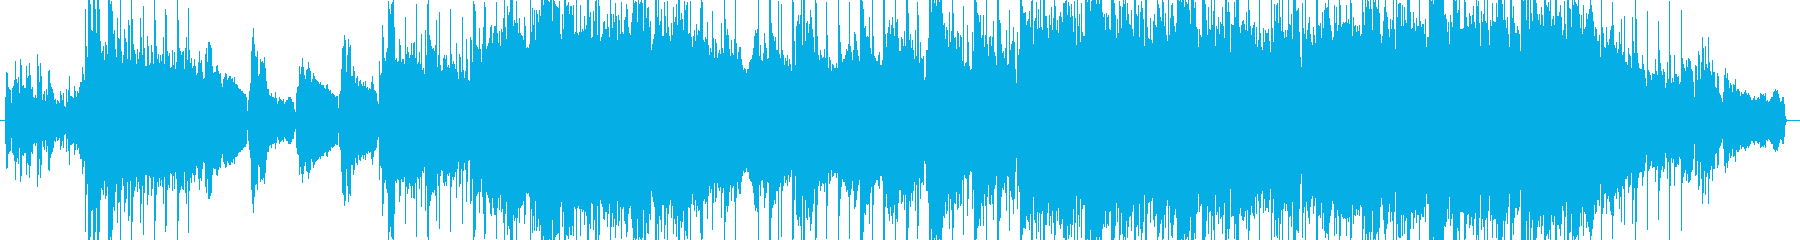 ピアノとバイオリンの感動バラードの再生済みの波形